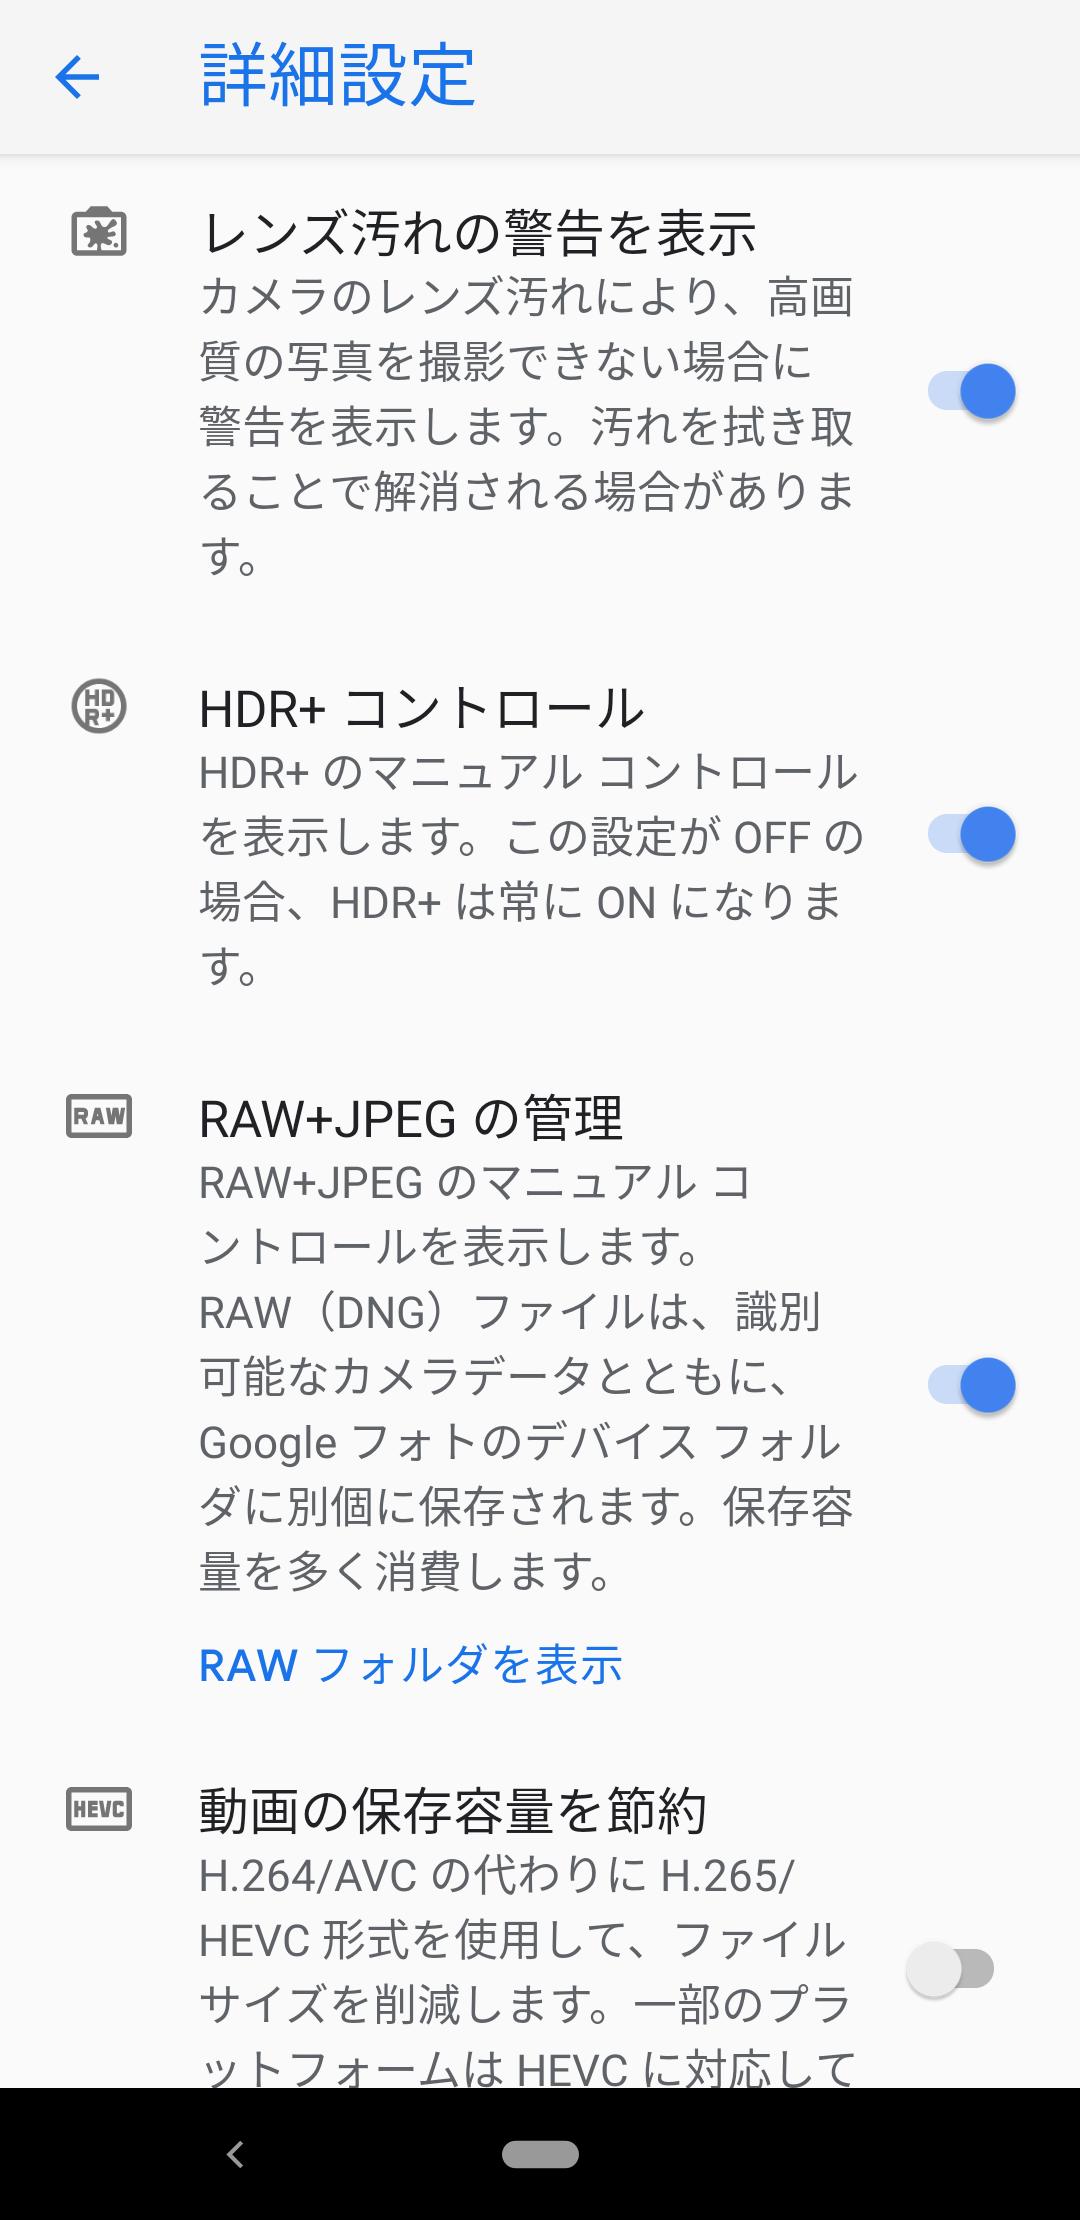 その他/設定/詳細設定。標準ではHDR+コントロールOFF、JPEG+RAW OFF